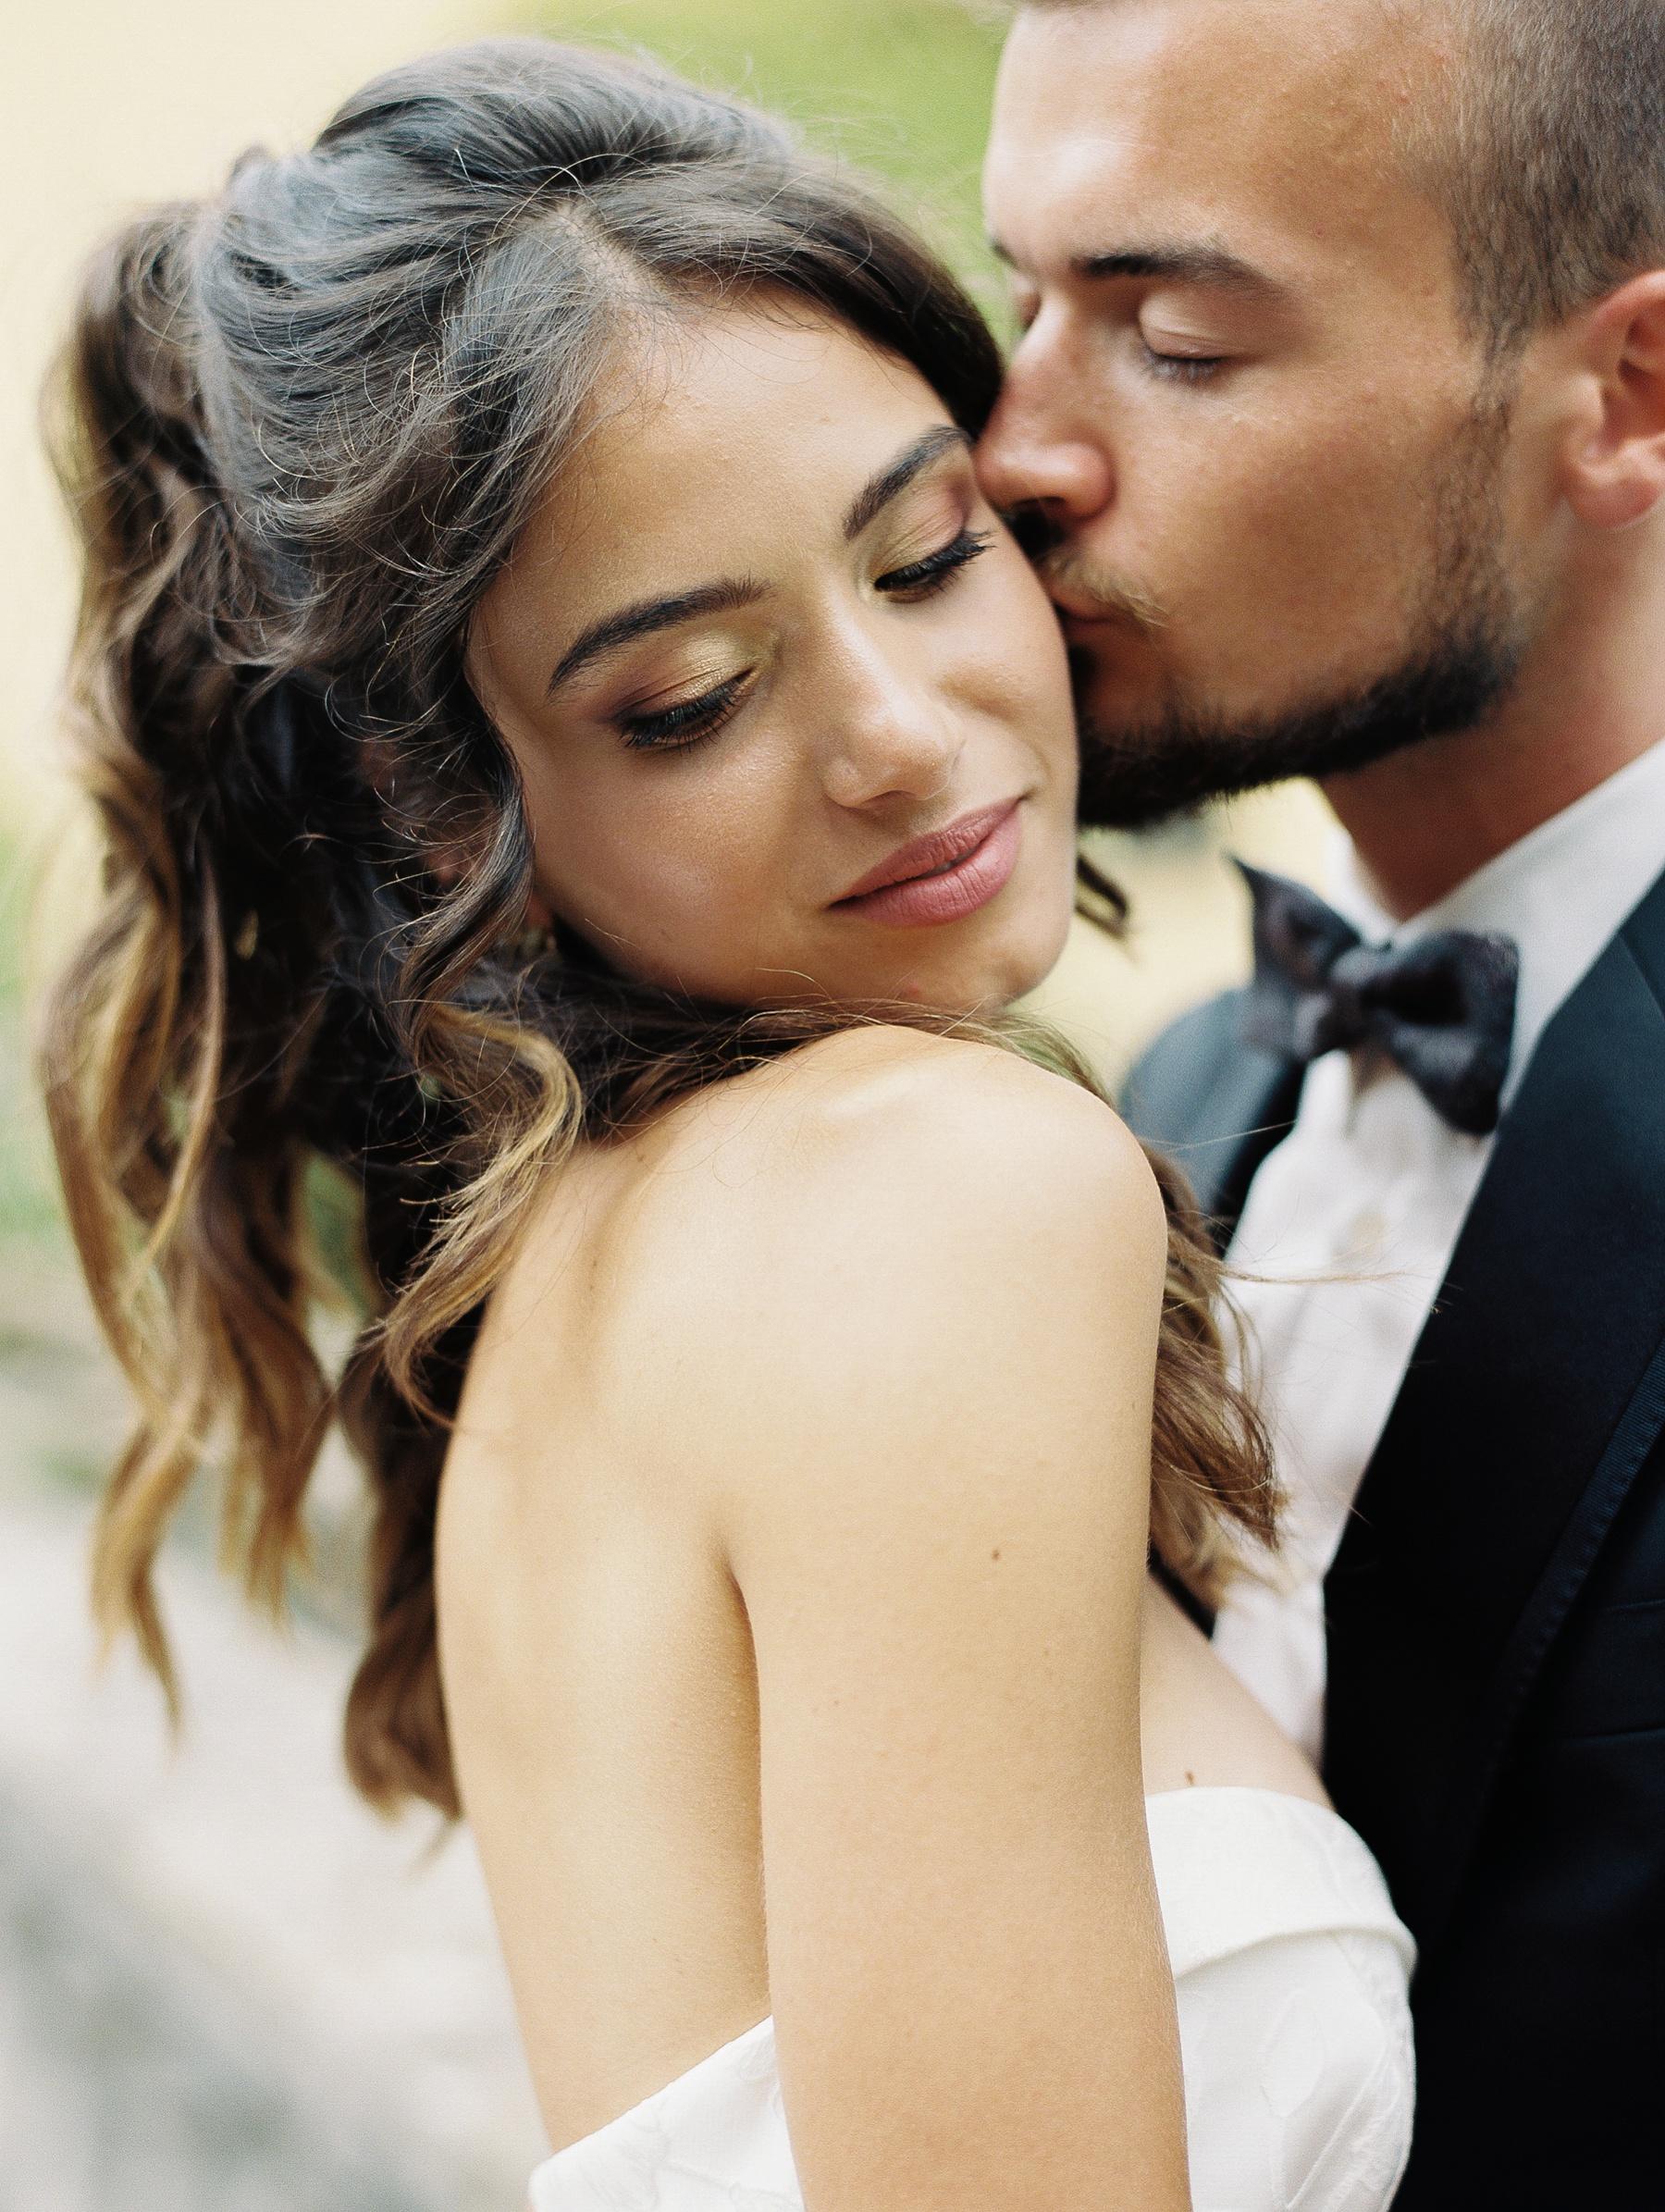 Il Borro Tuscany Italy Wedding Photographer_0865.jpg